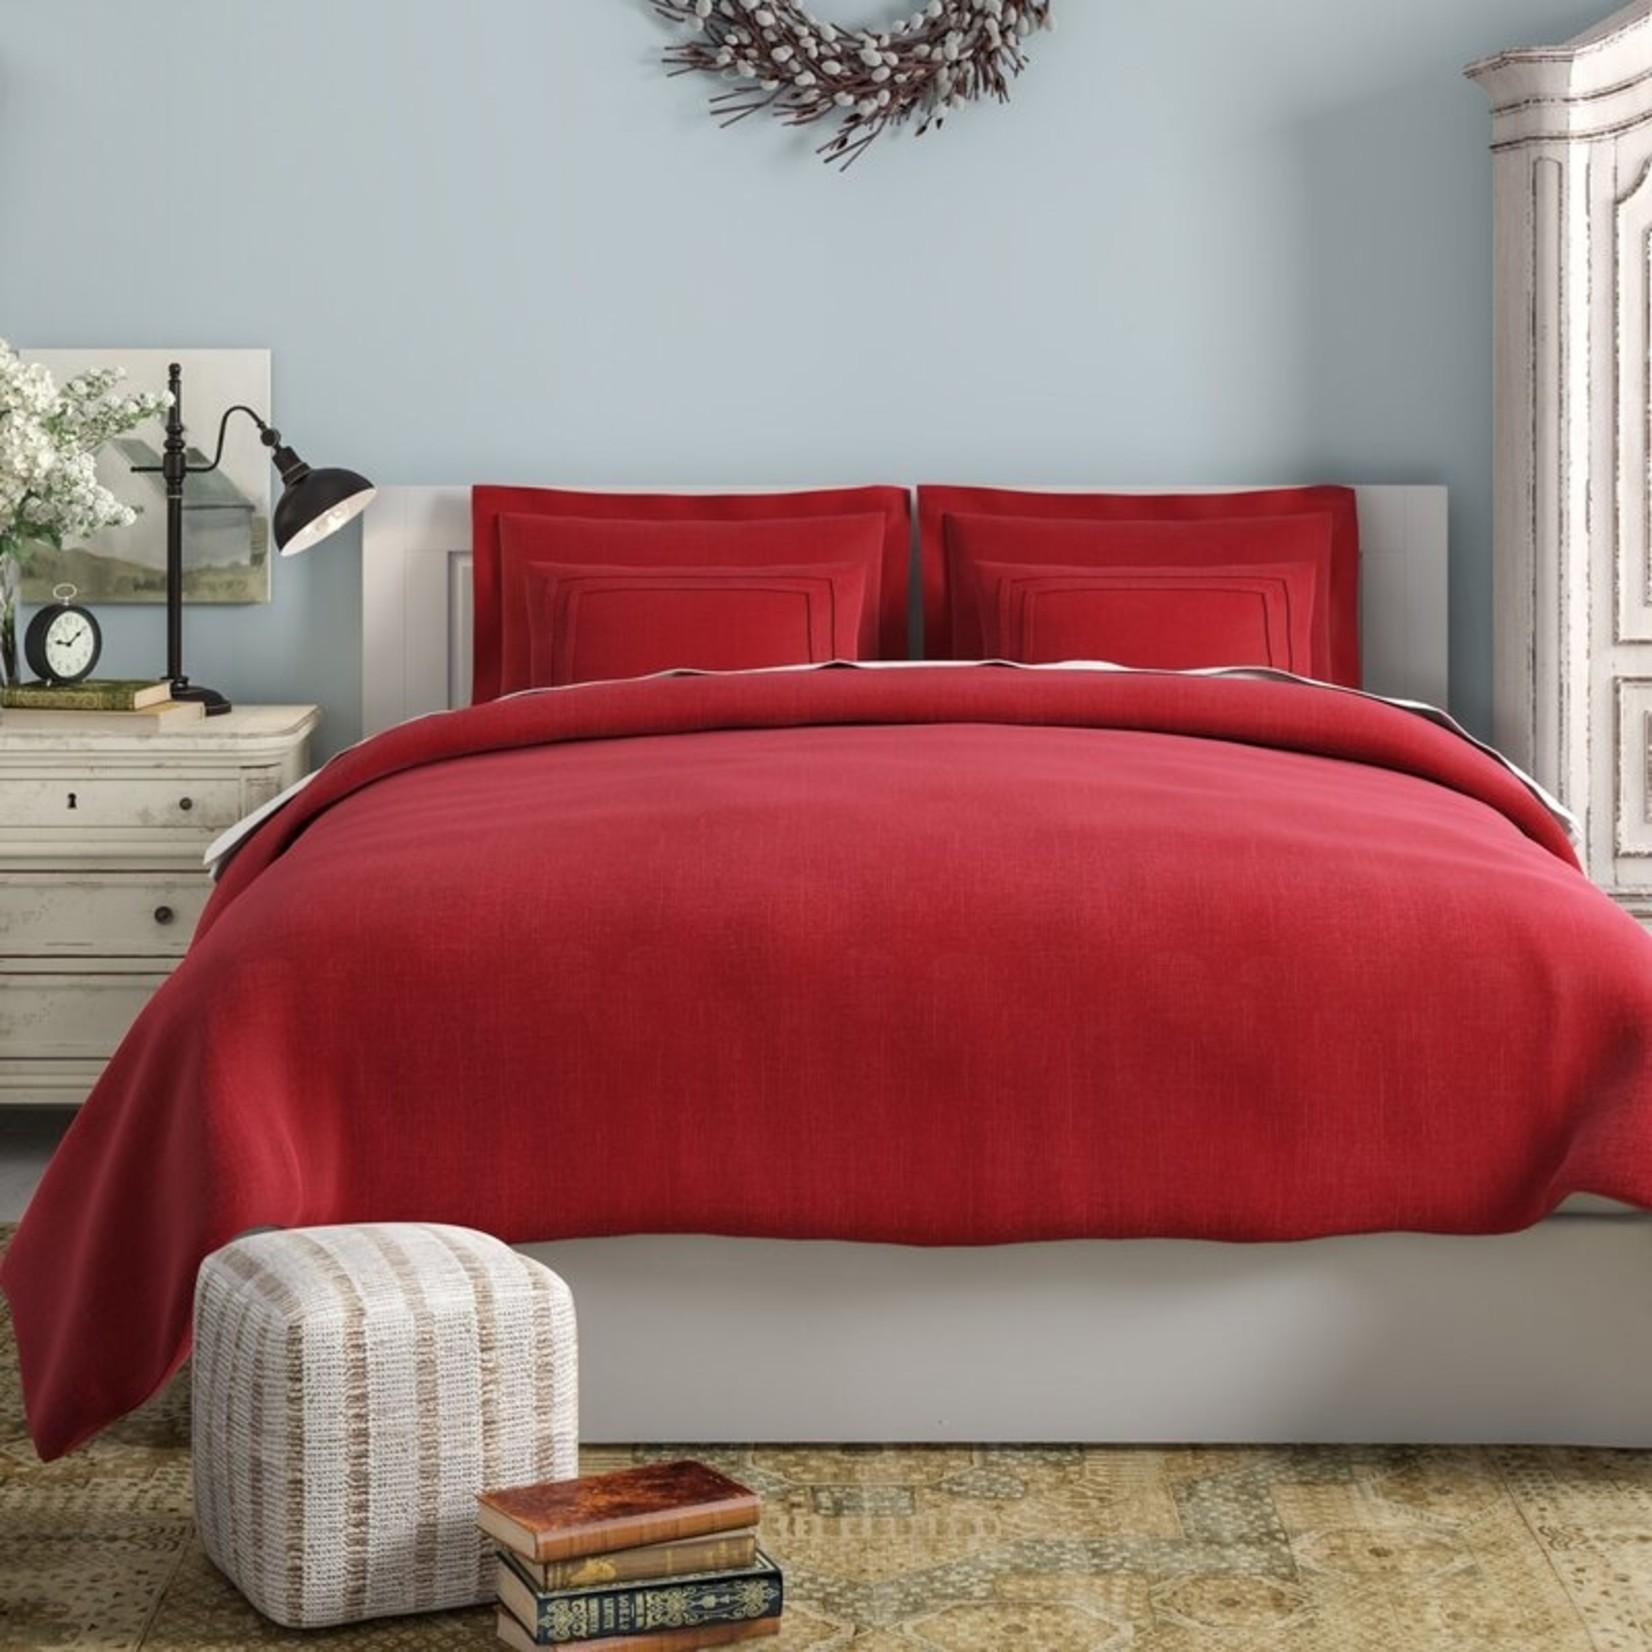 *Queen - Lola Bedding Cotton 3 Piece Duvet Cover Set - Brick - Final Sale